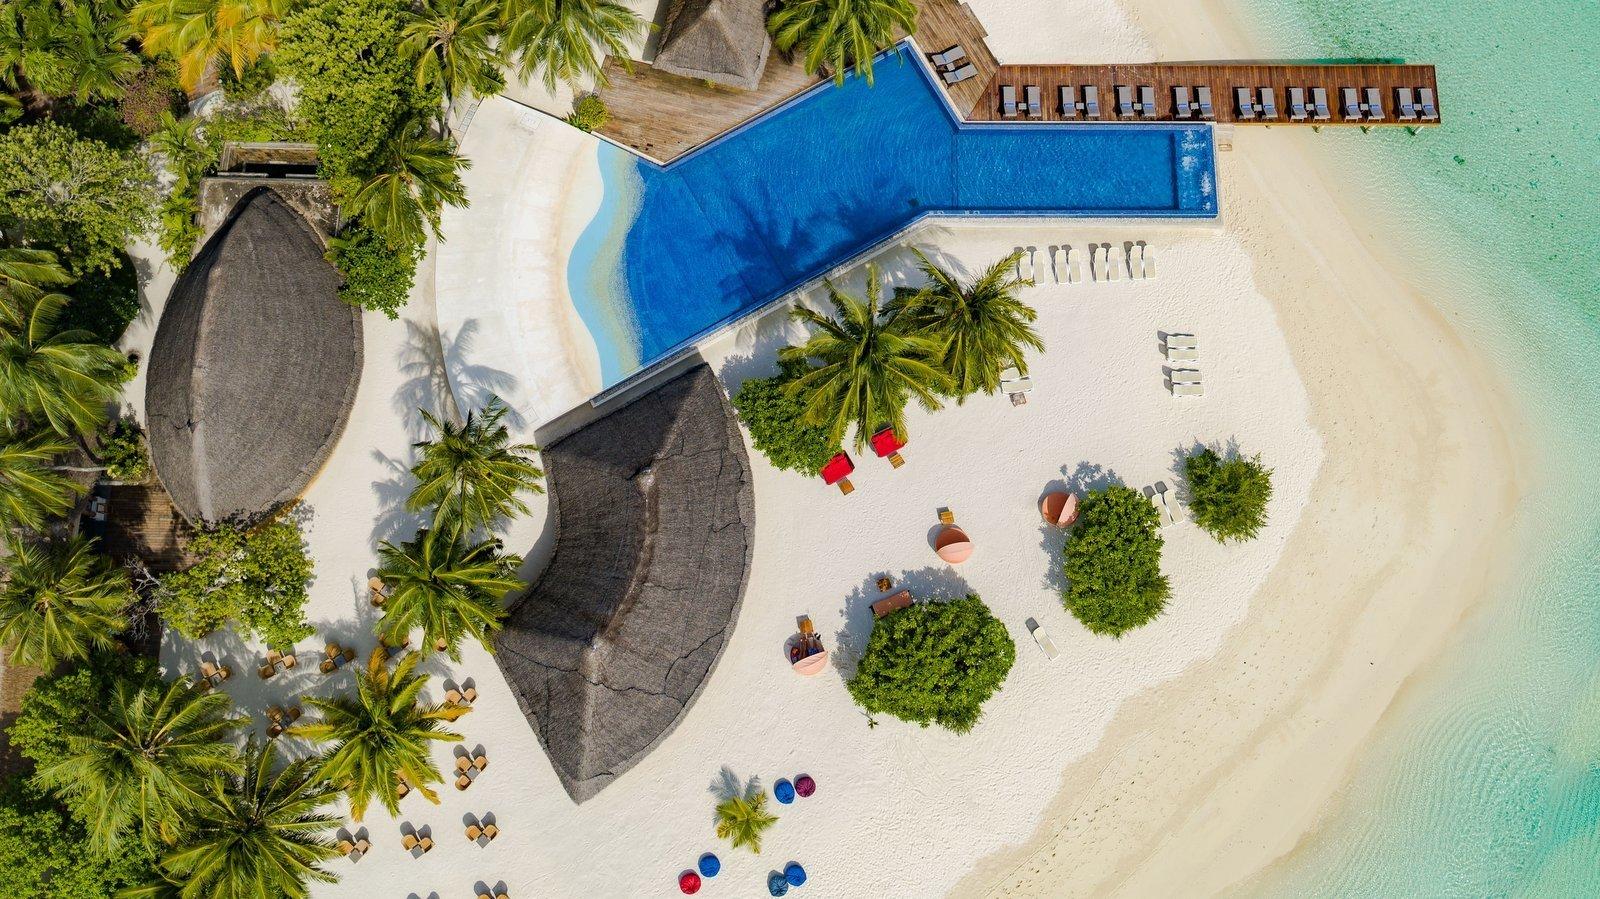 Мальдивы, отель Kuramathi Maldives, бассейн